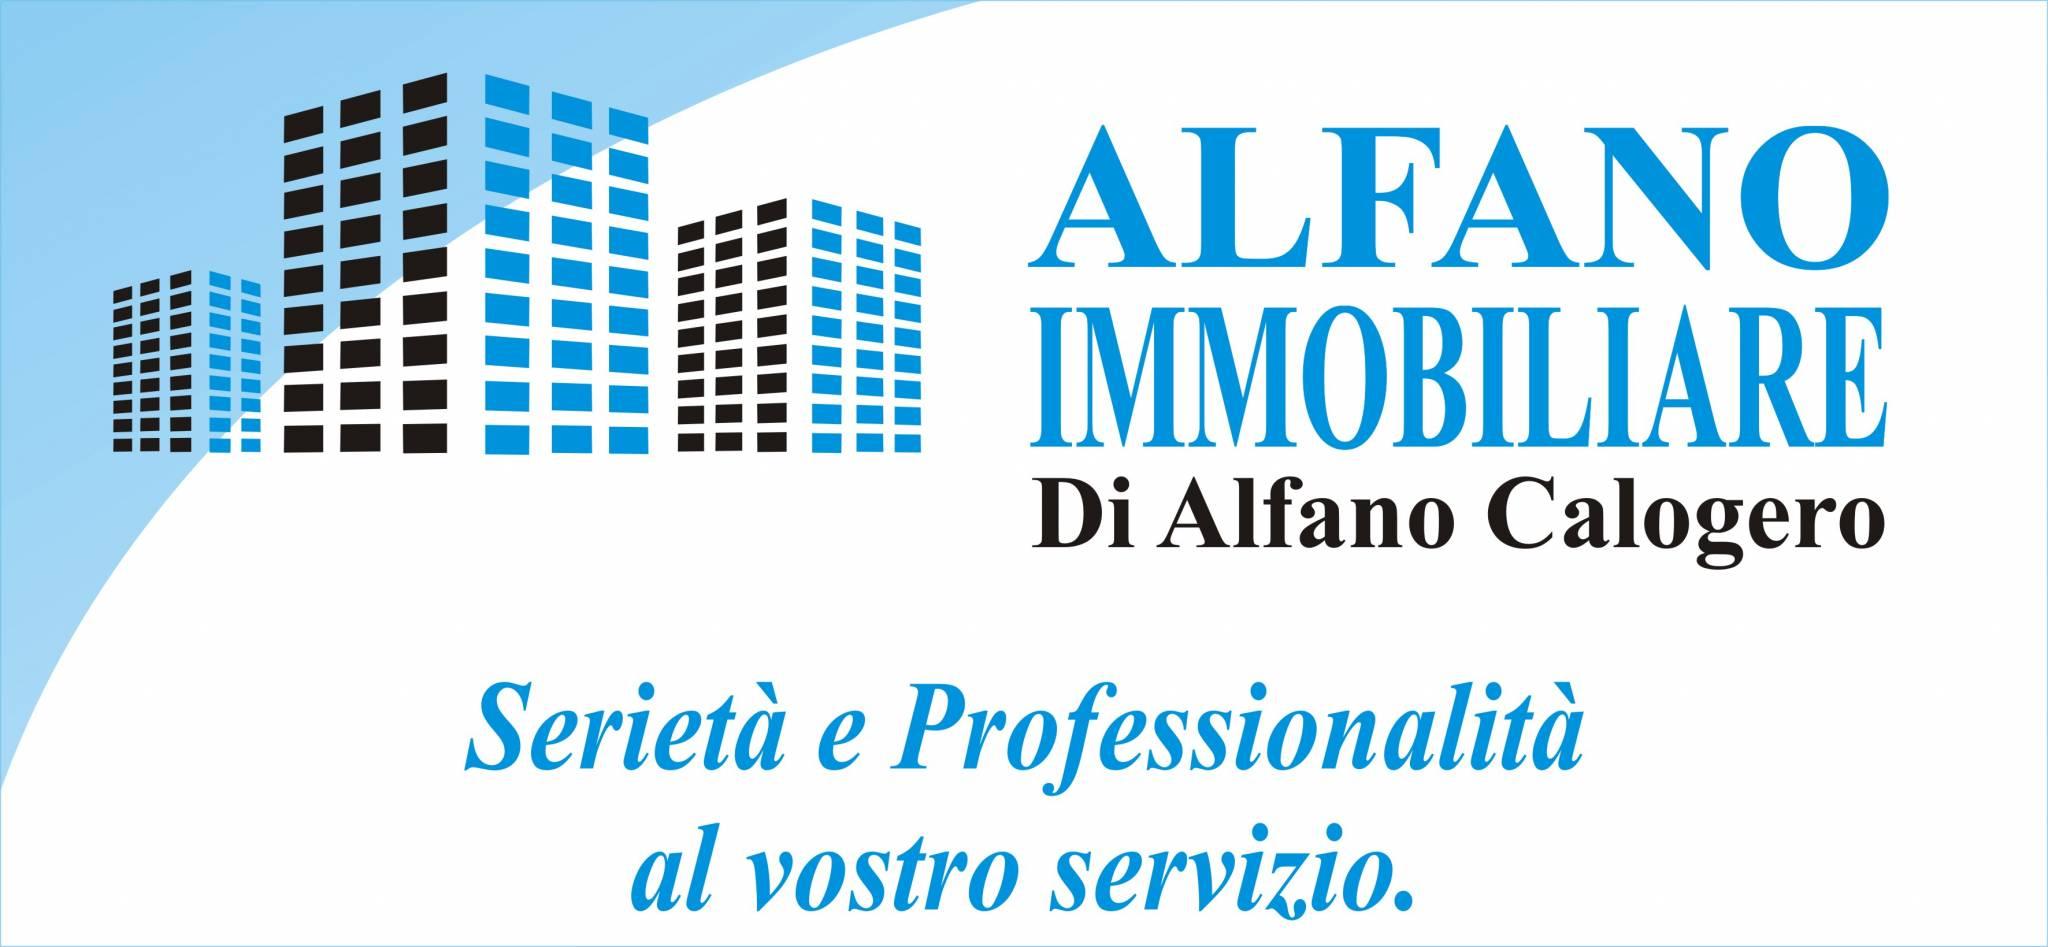 ALFANO IMMOBILIARE di Alfano Calogero